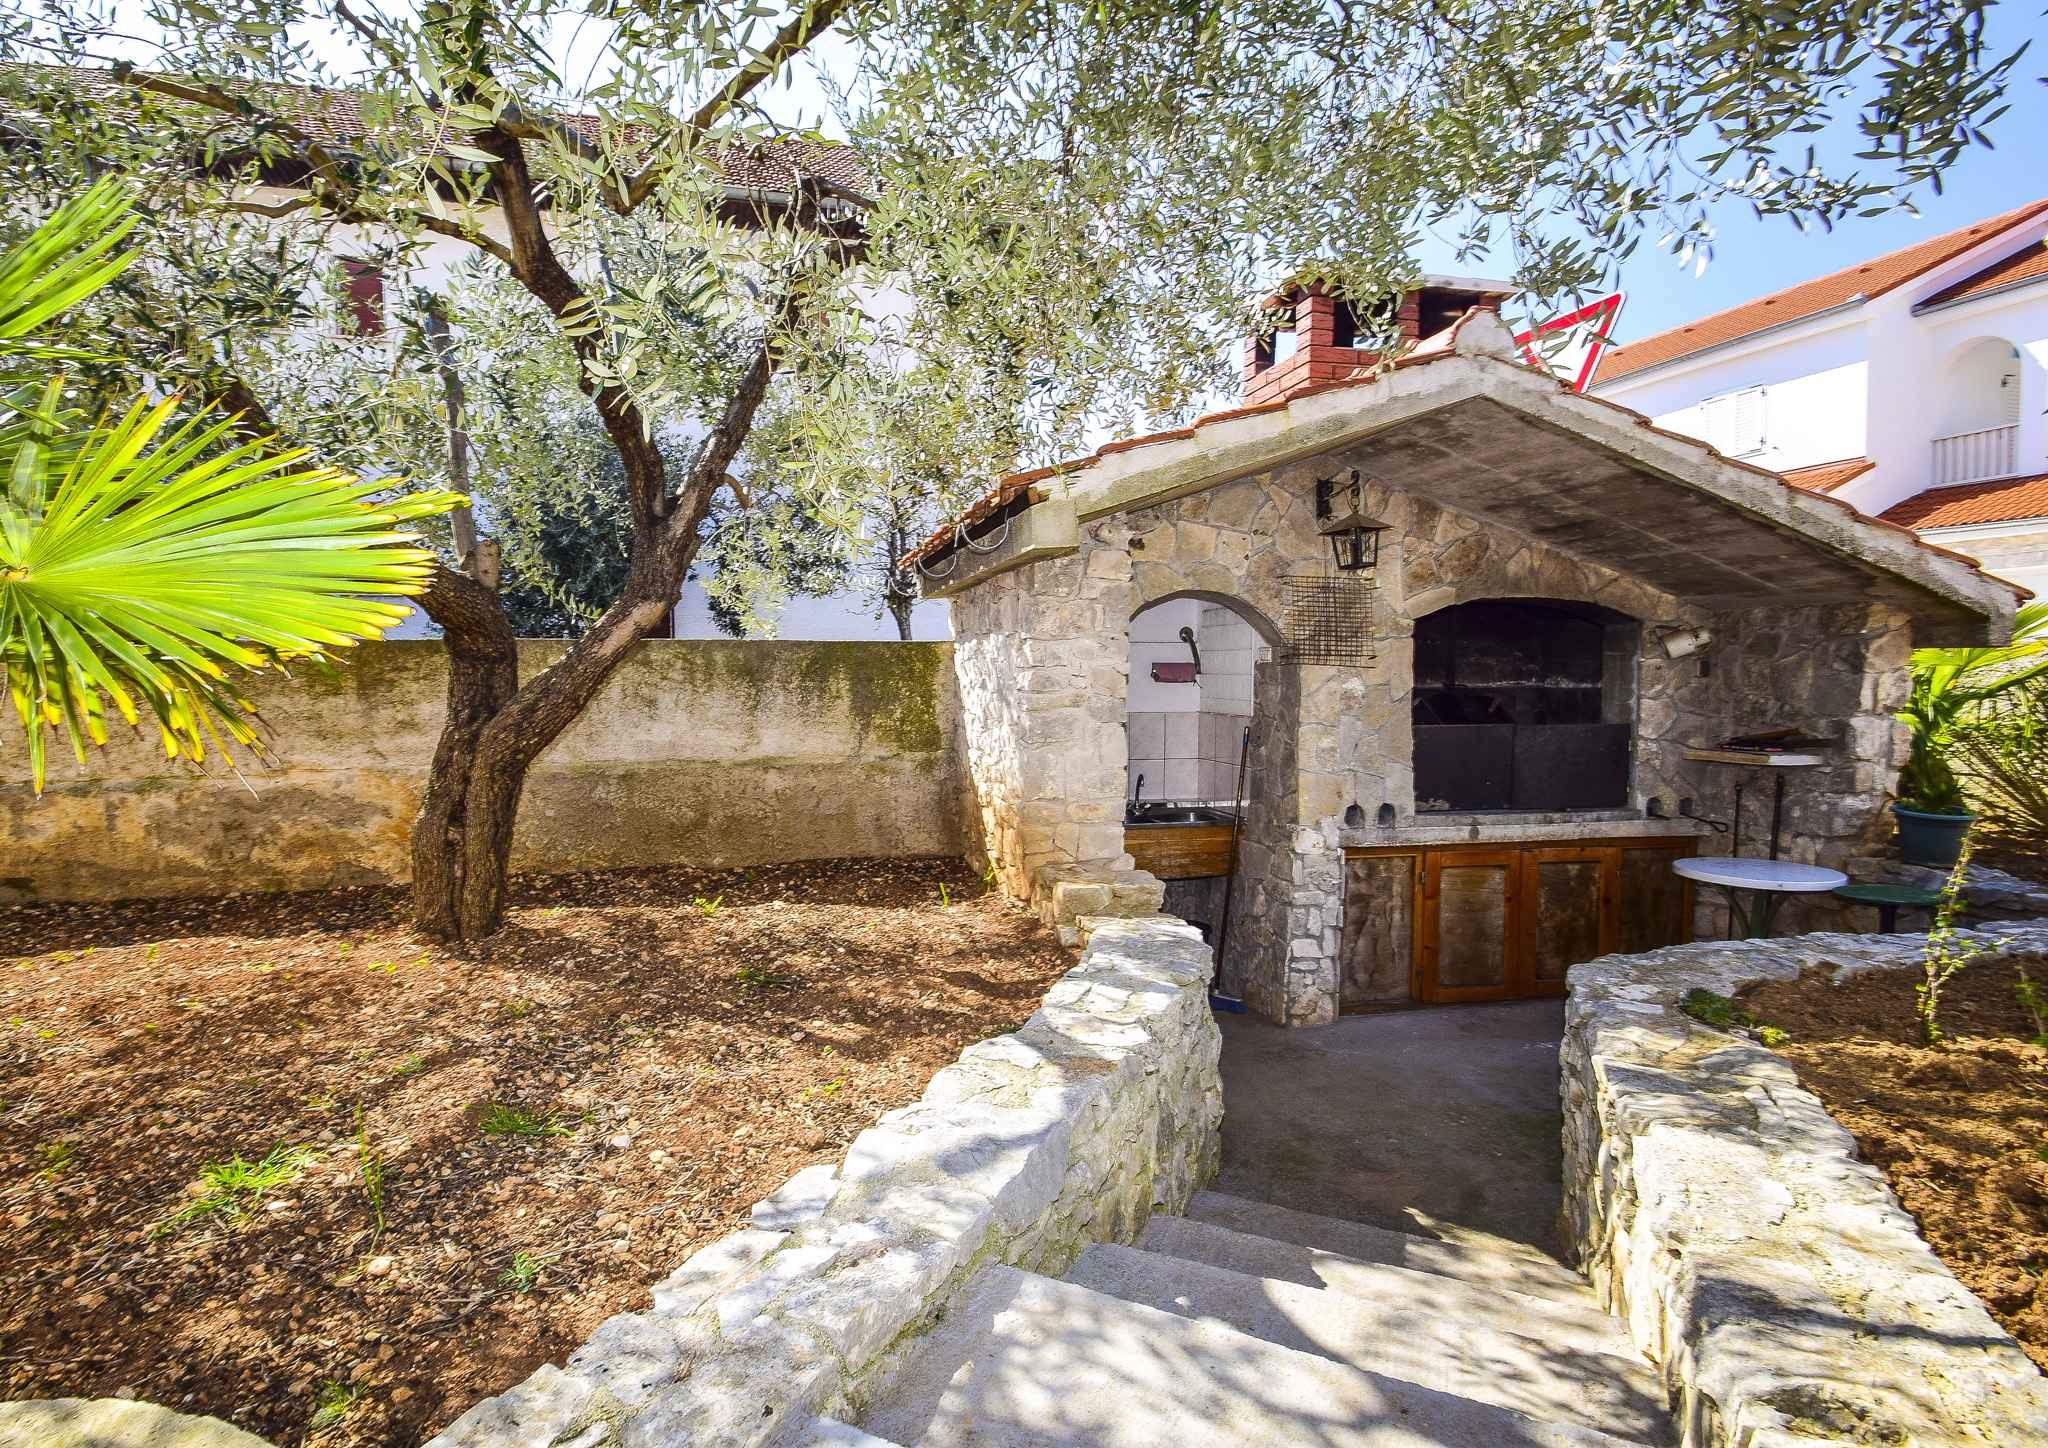 Ferienwohnung mit überdachter Terrasse (278787), Vodice, , Dalmatien, Kroatien, Bild 8